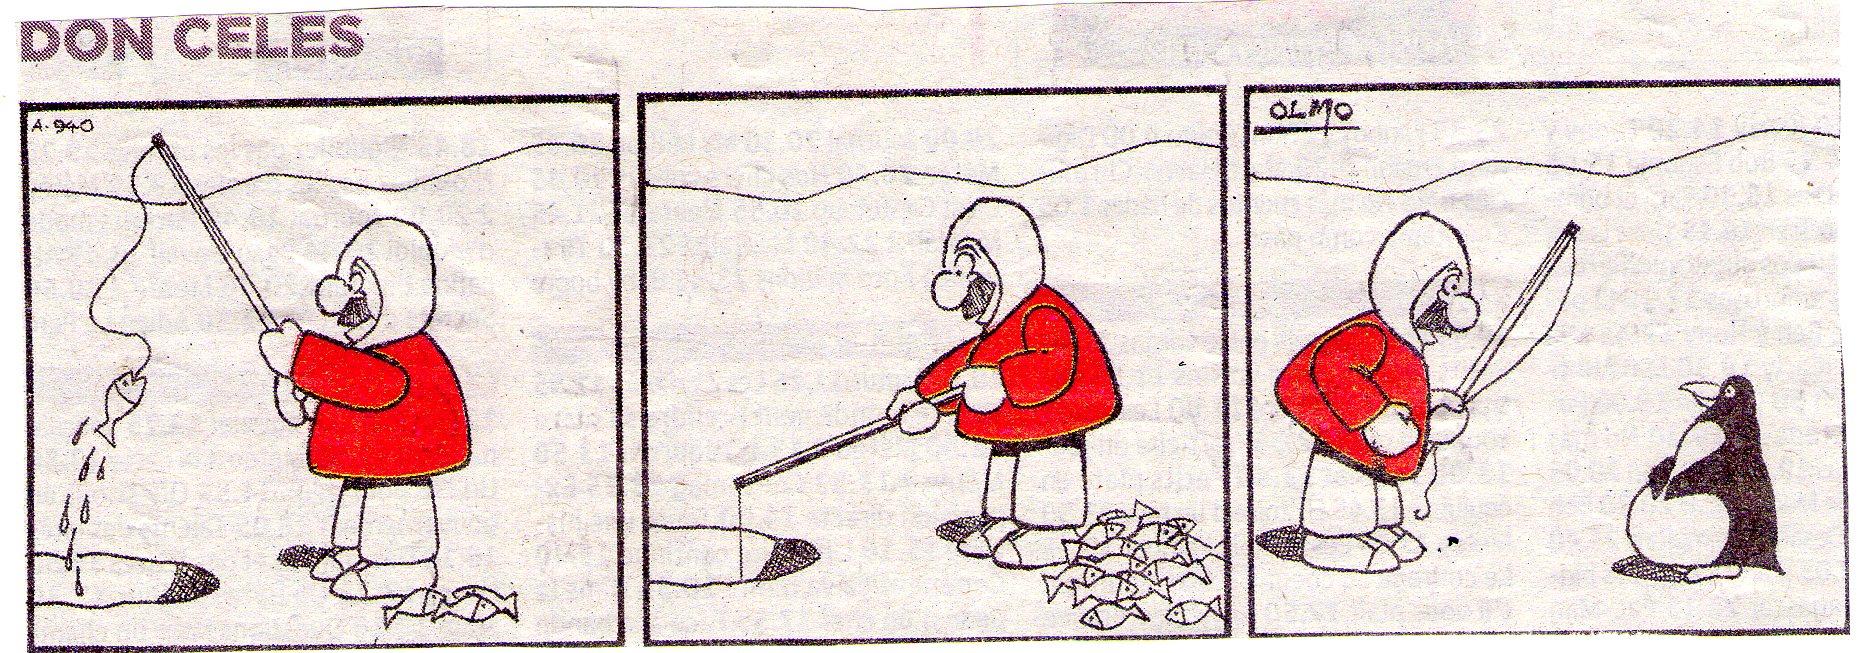 Don Celes y el pingüino gordo